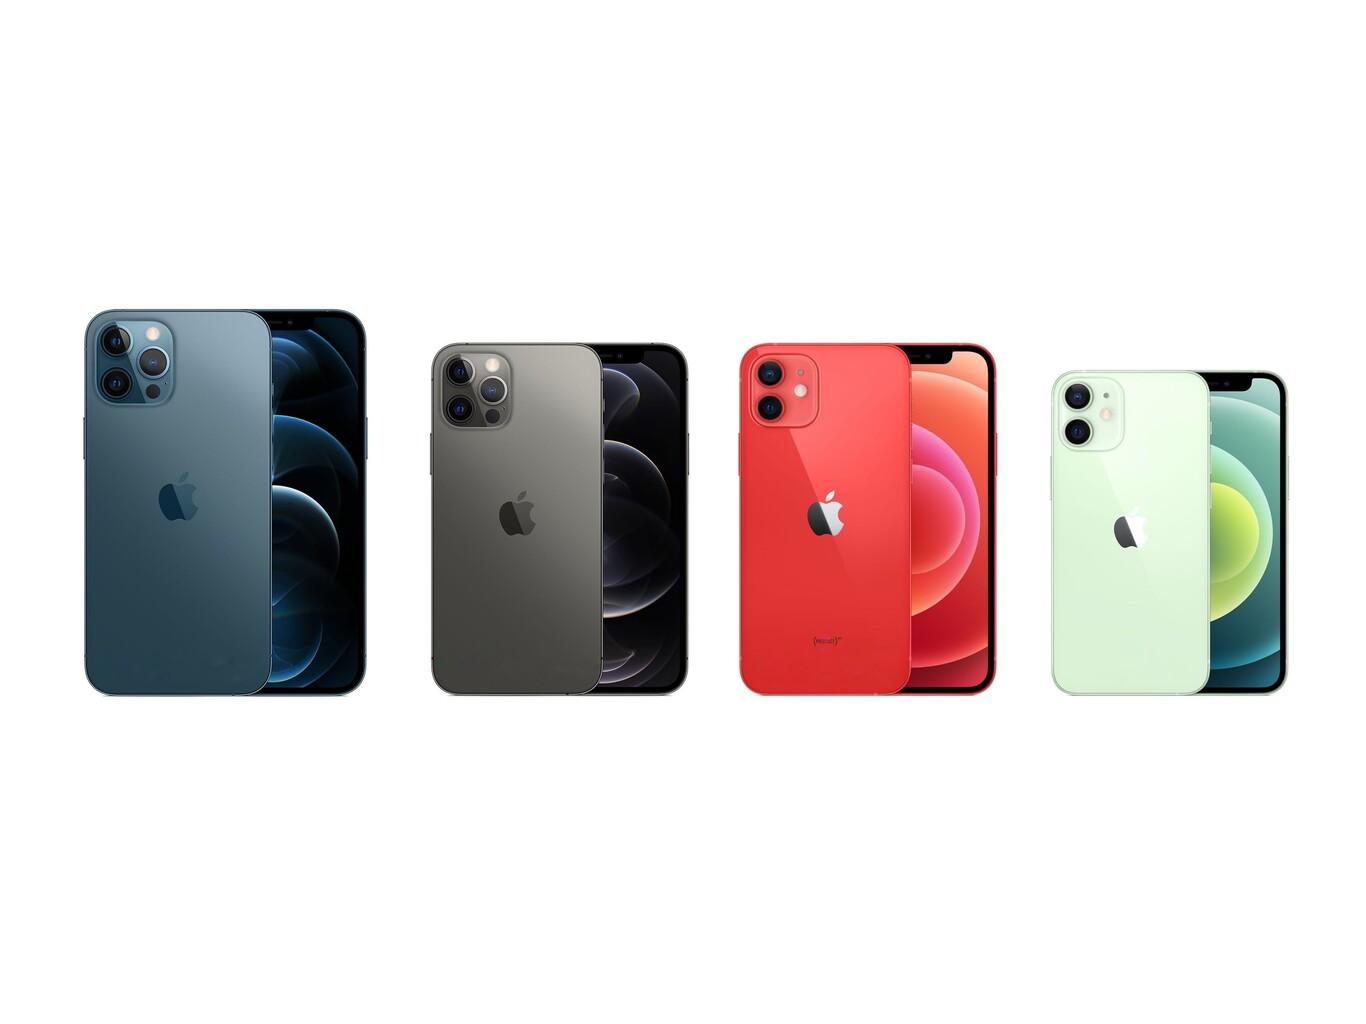 iPhone 12: Precios oficiales y fecha de lanzamiento en México